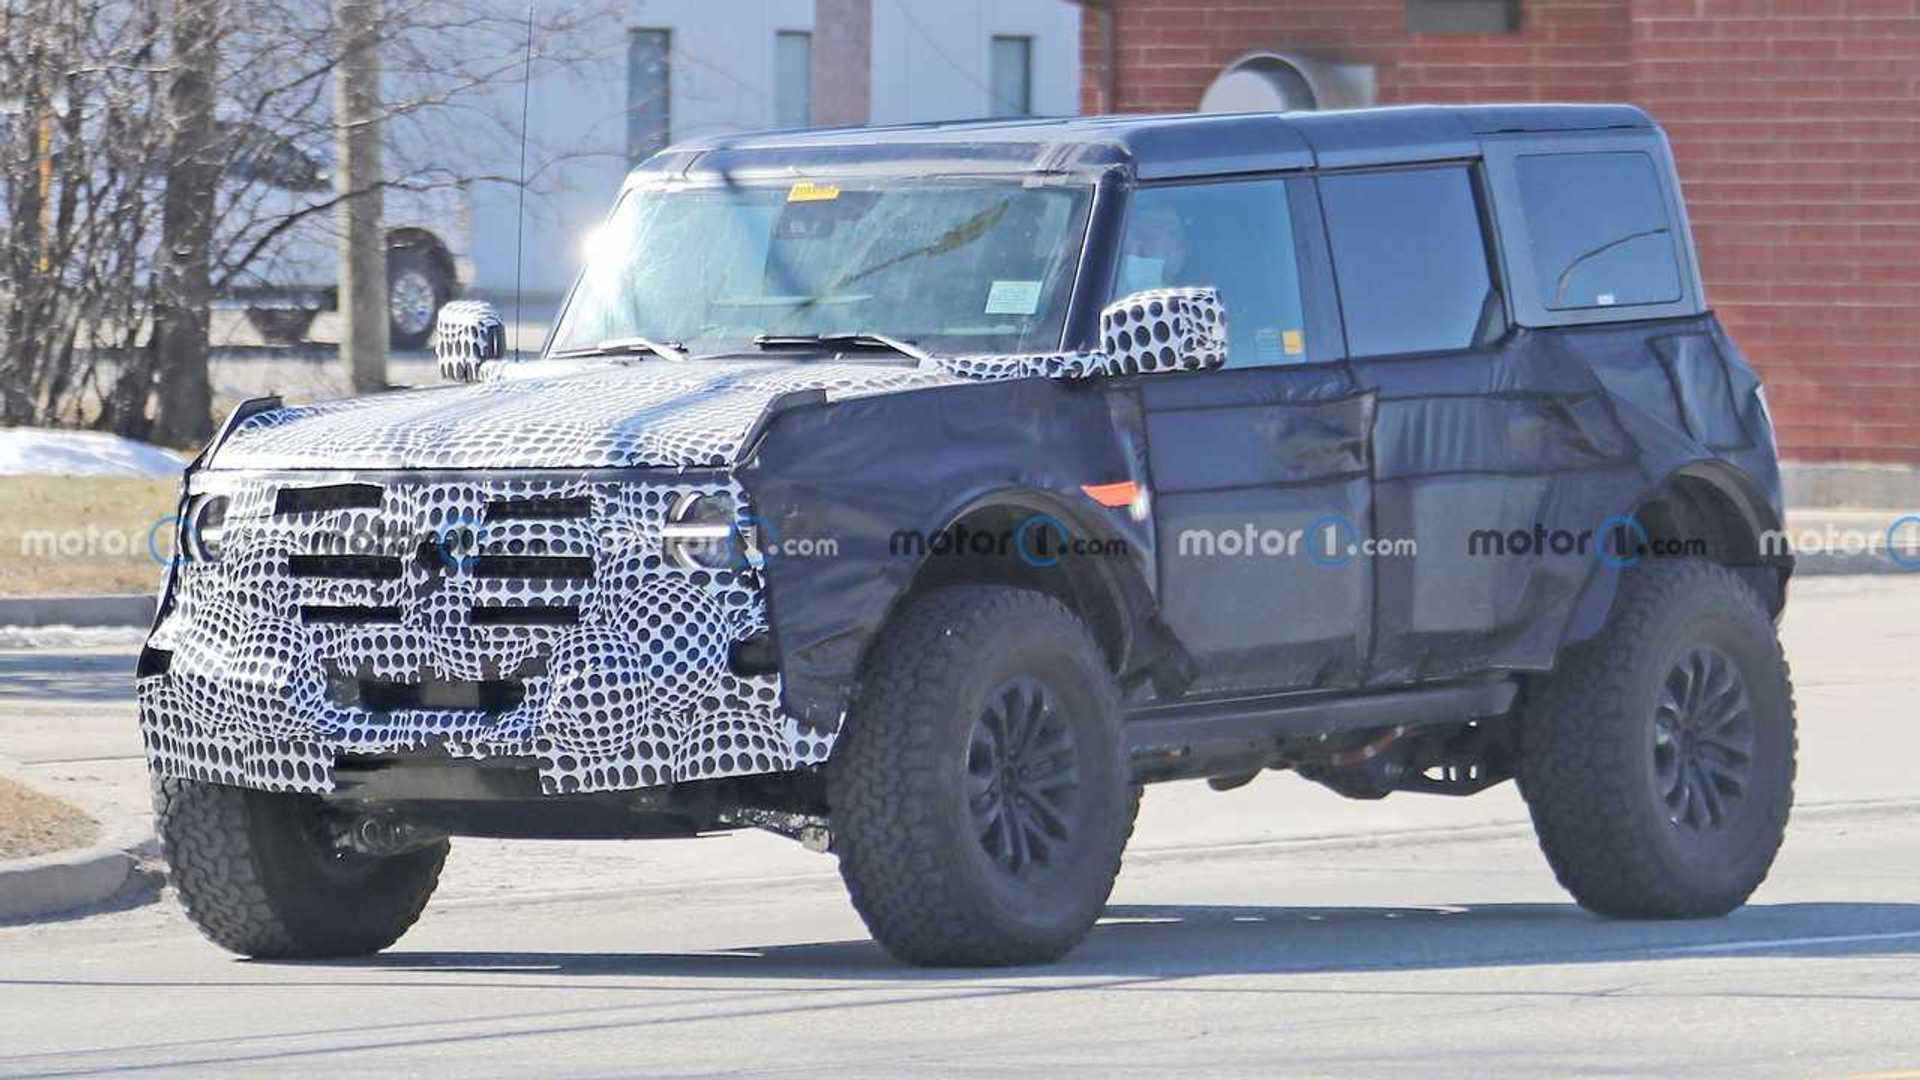 За Ford Bronco Warthog замечают грязный выхлопной патрубок и толстые силовые кабели